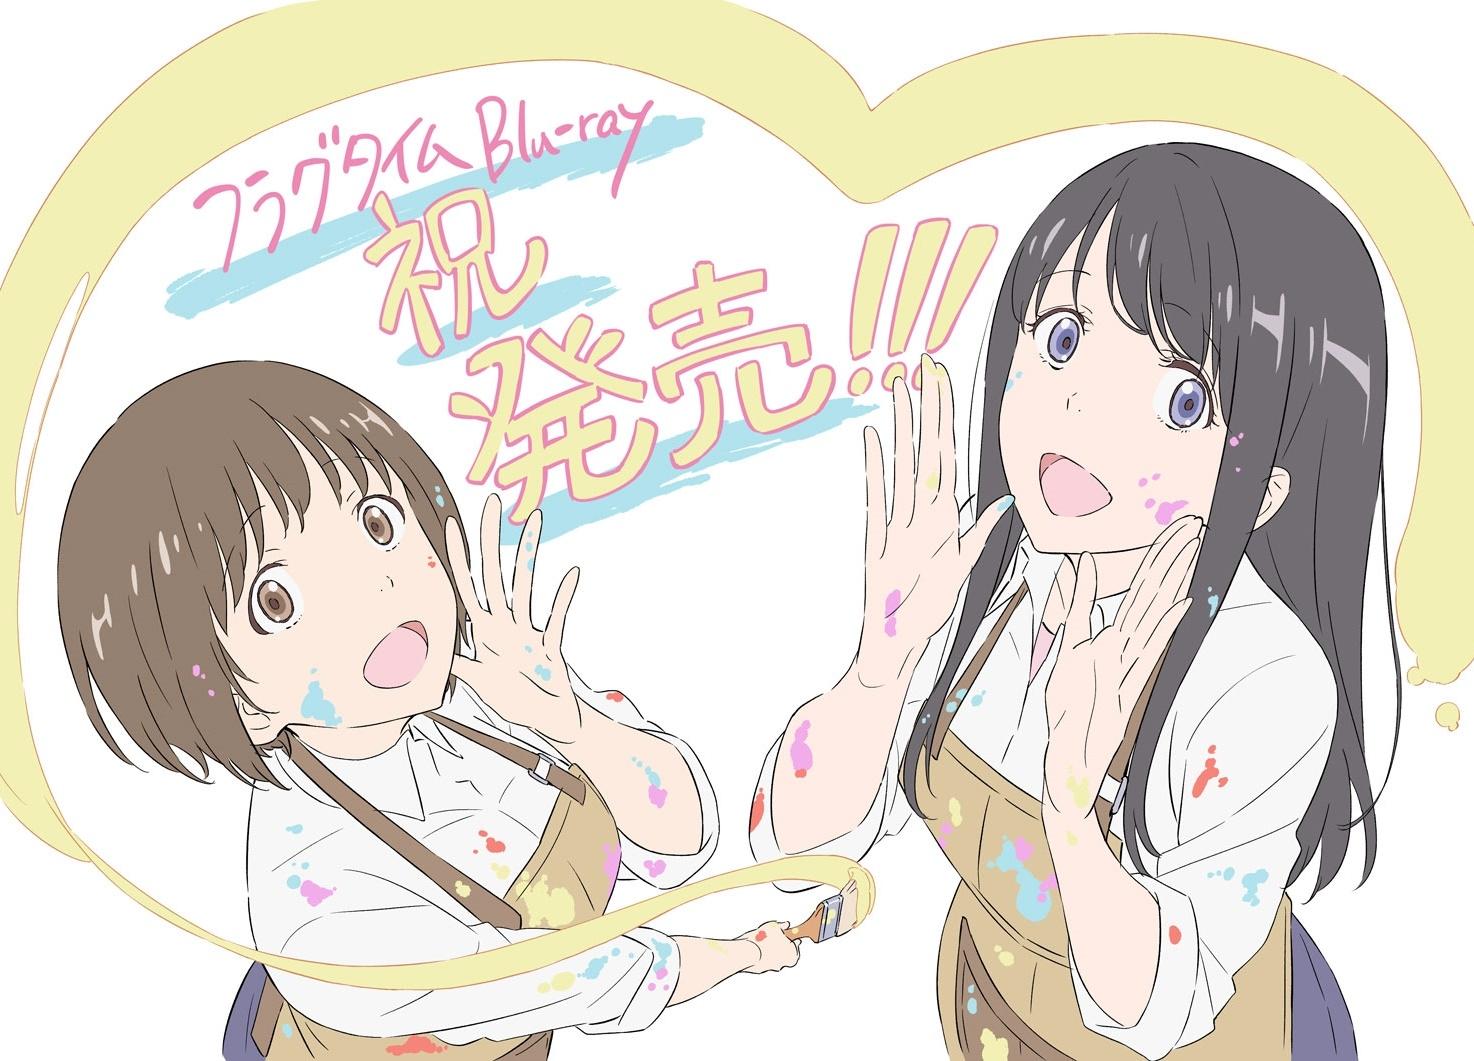 劇場OVA『フラグタイム』BD&DVD 5/13 発売